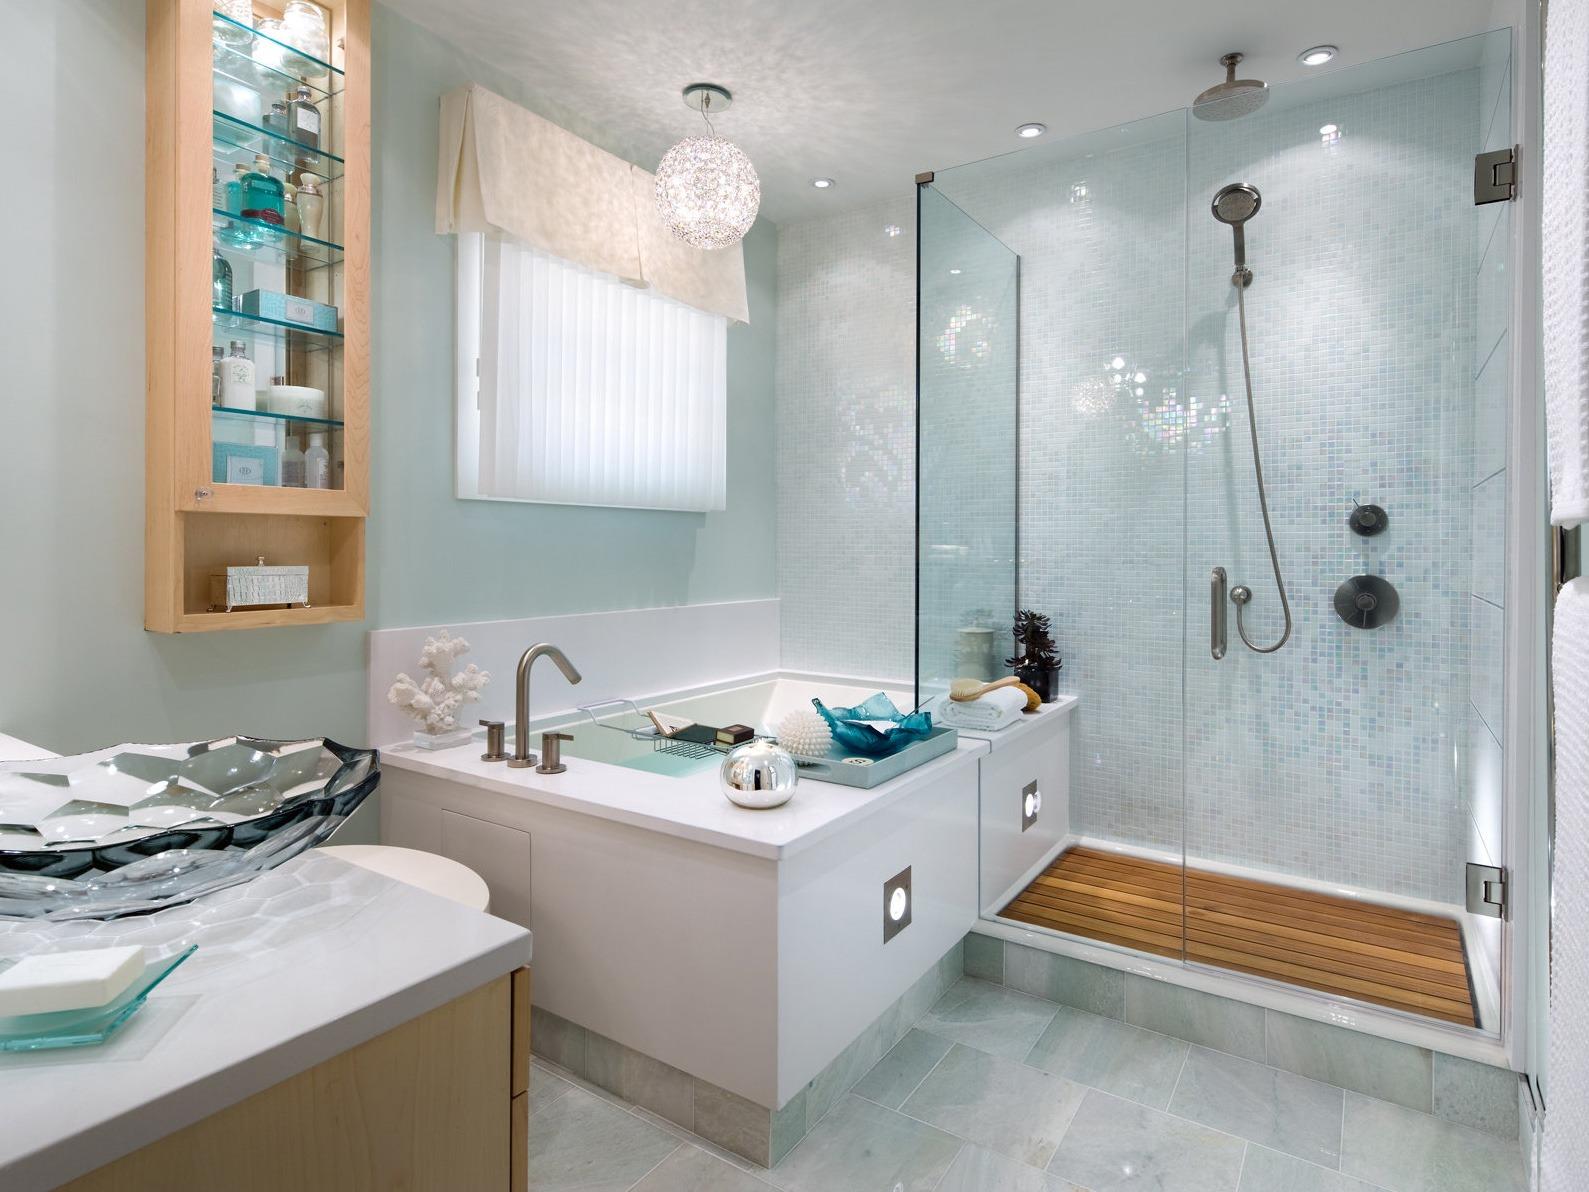 GİRİŞ KAT | I. BANYO Bathroom1